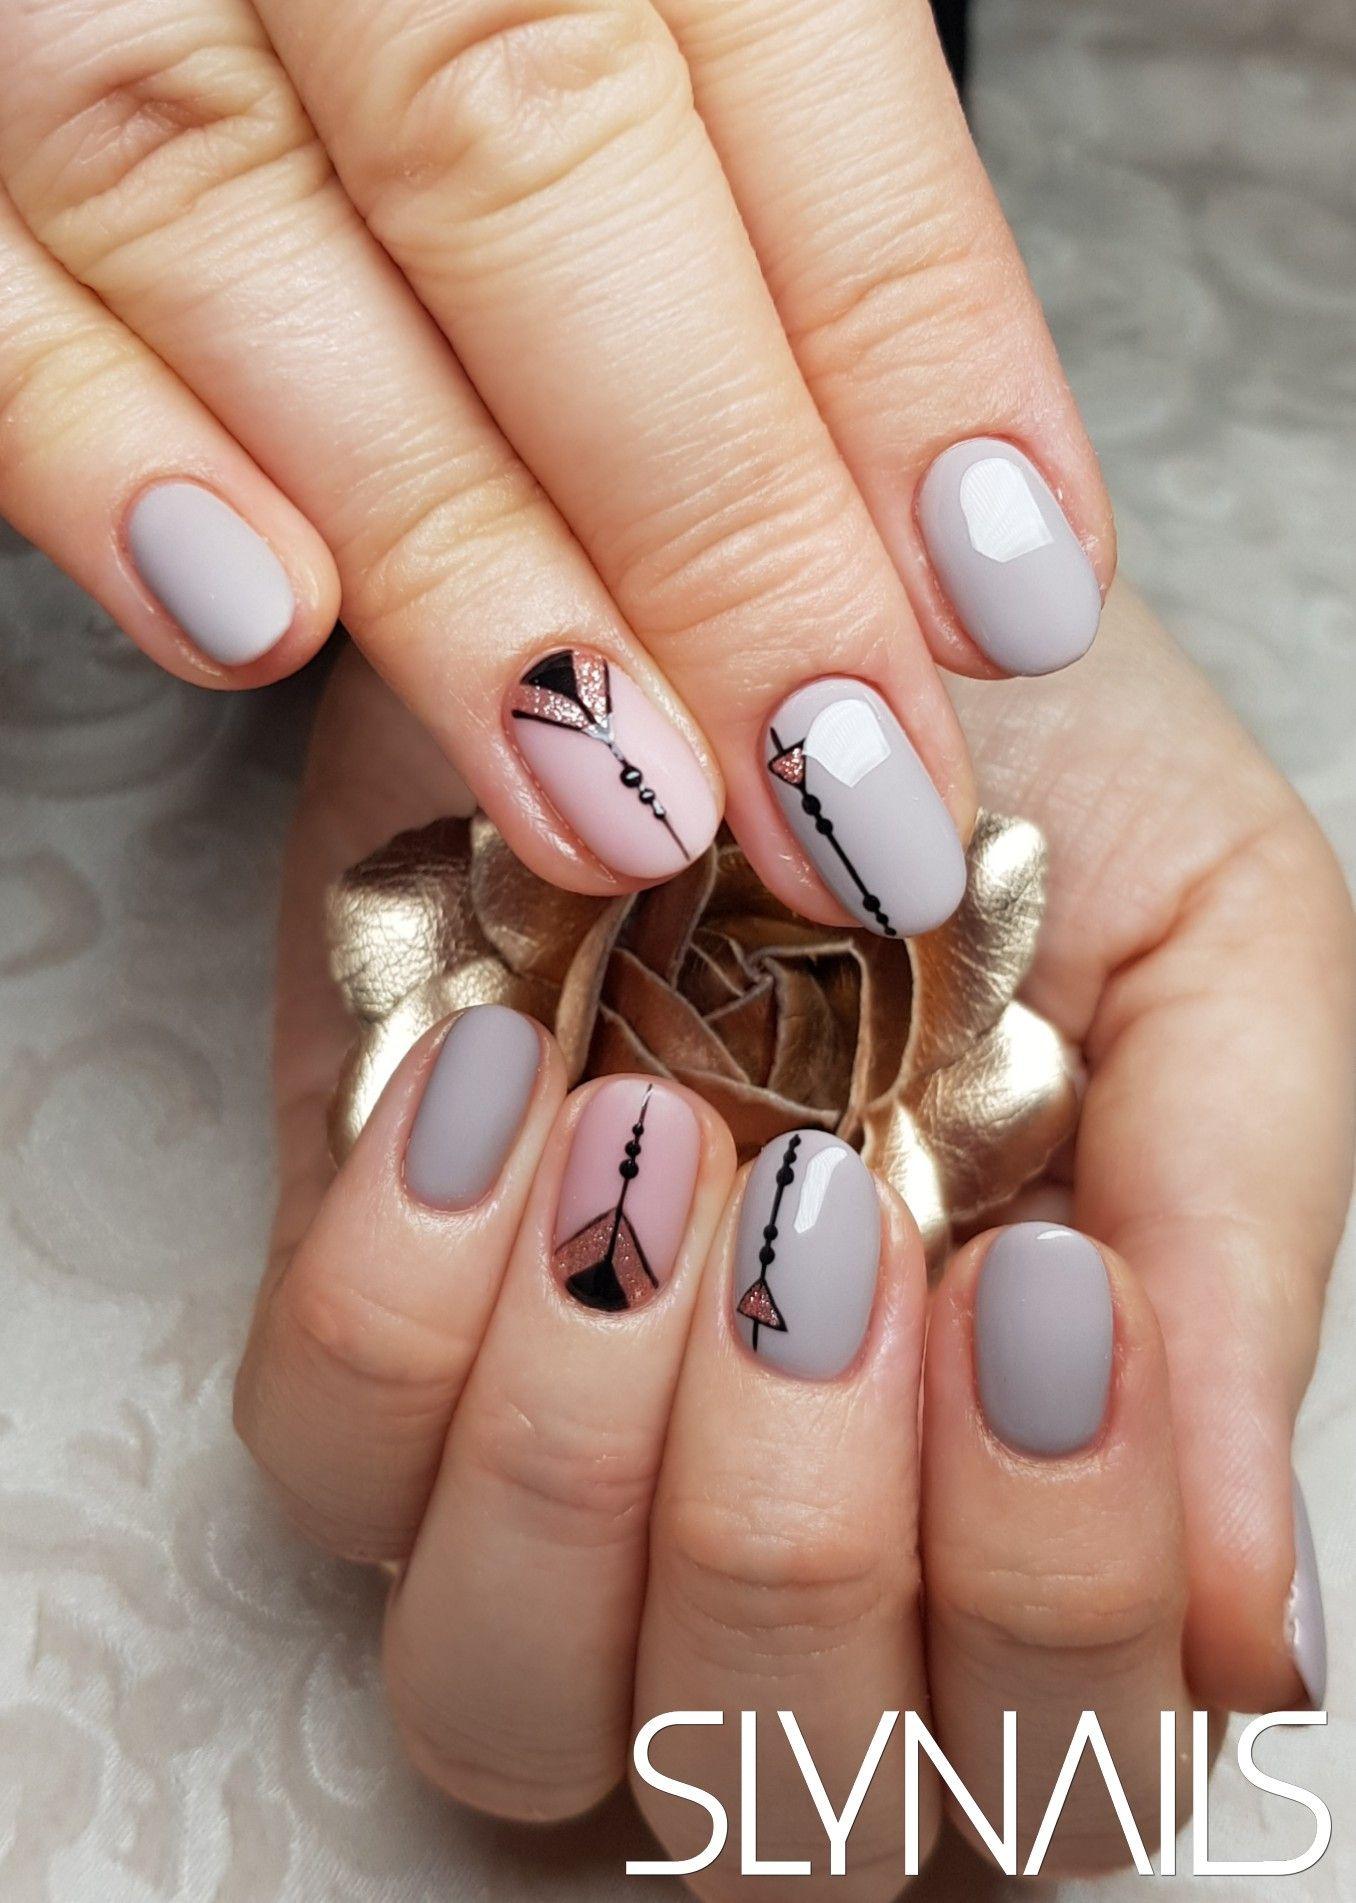 Crystalac Gel Lakk Szurke Kerek Matt Egyszinu Zseles Diszites Kedvenc Munkaink Top Kategoria Nails Beauty